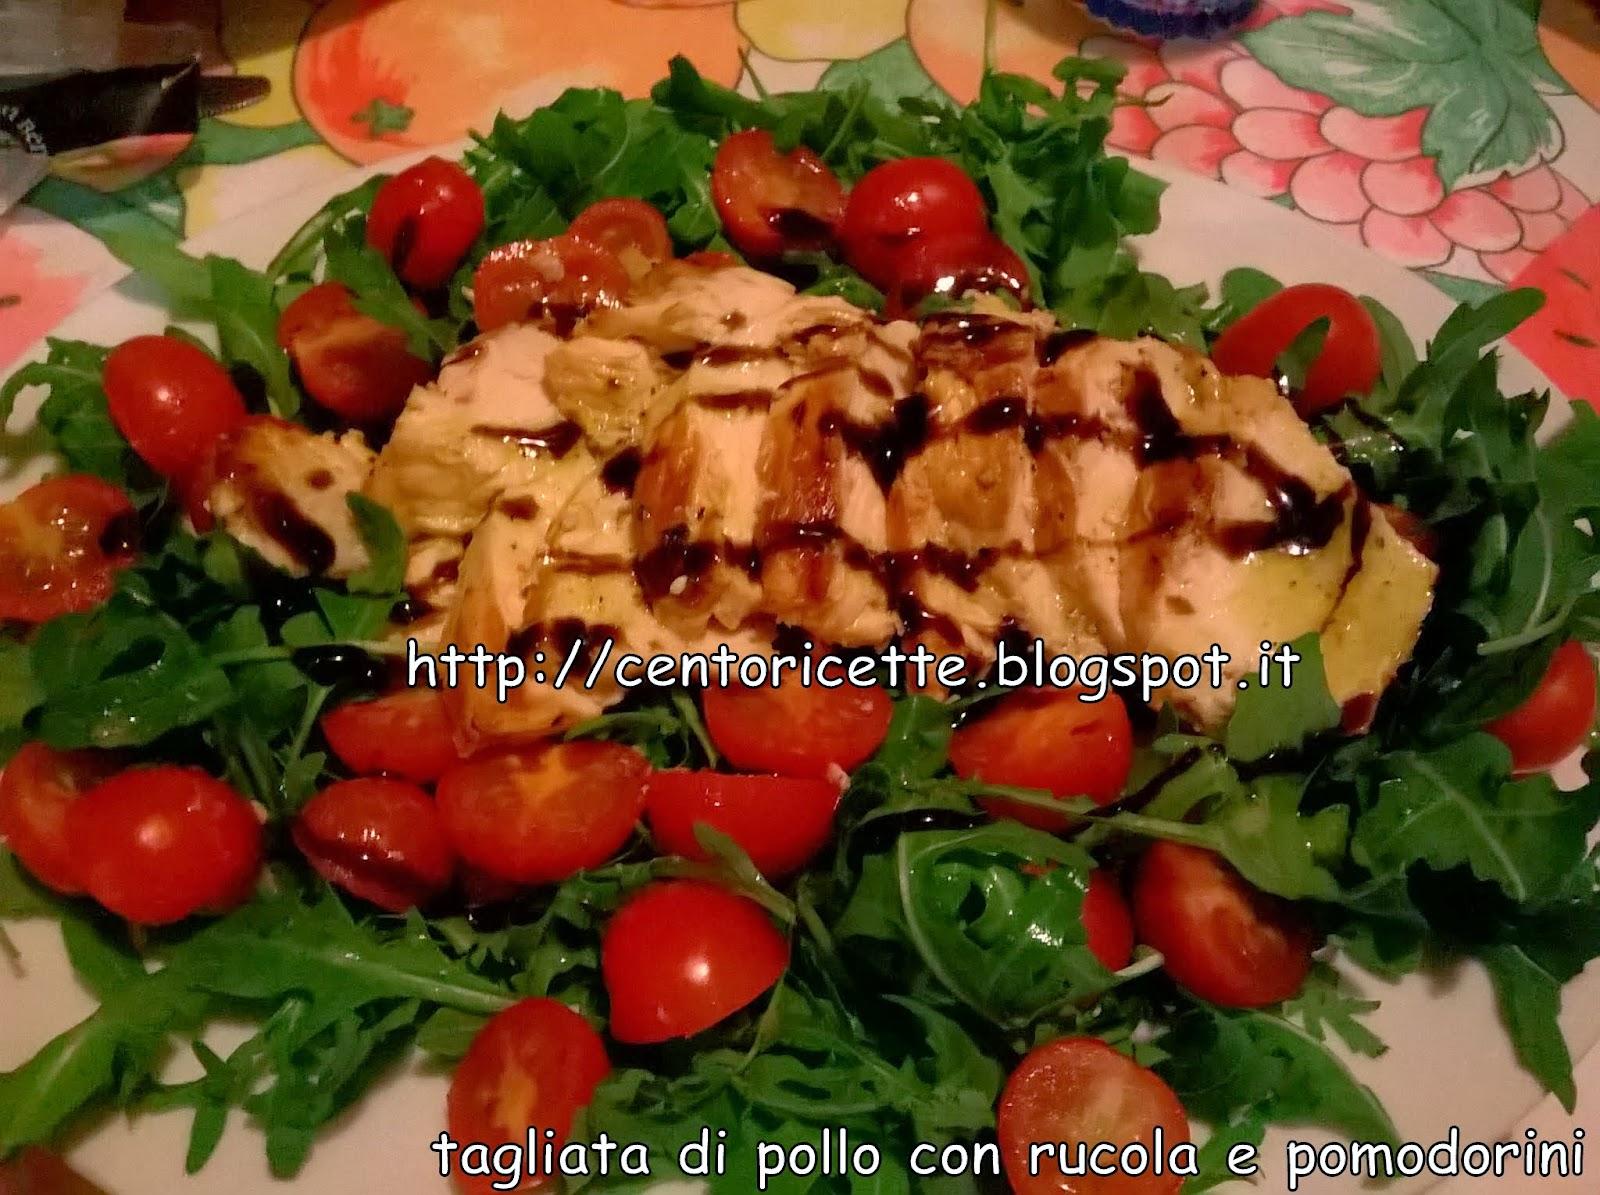 Cento ricette tagliata di pollo con rucola e pomodorini for Cucinare tagliata